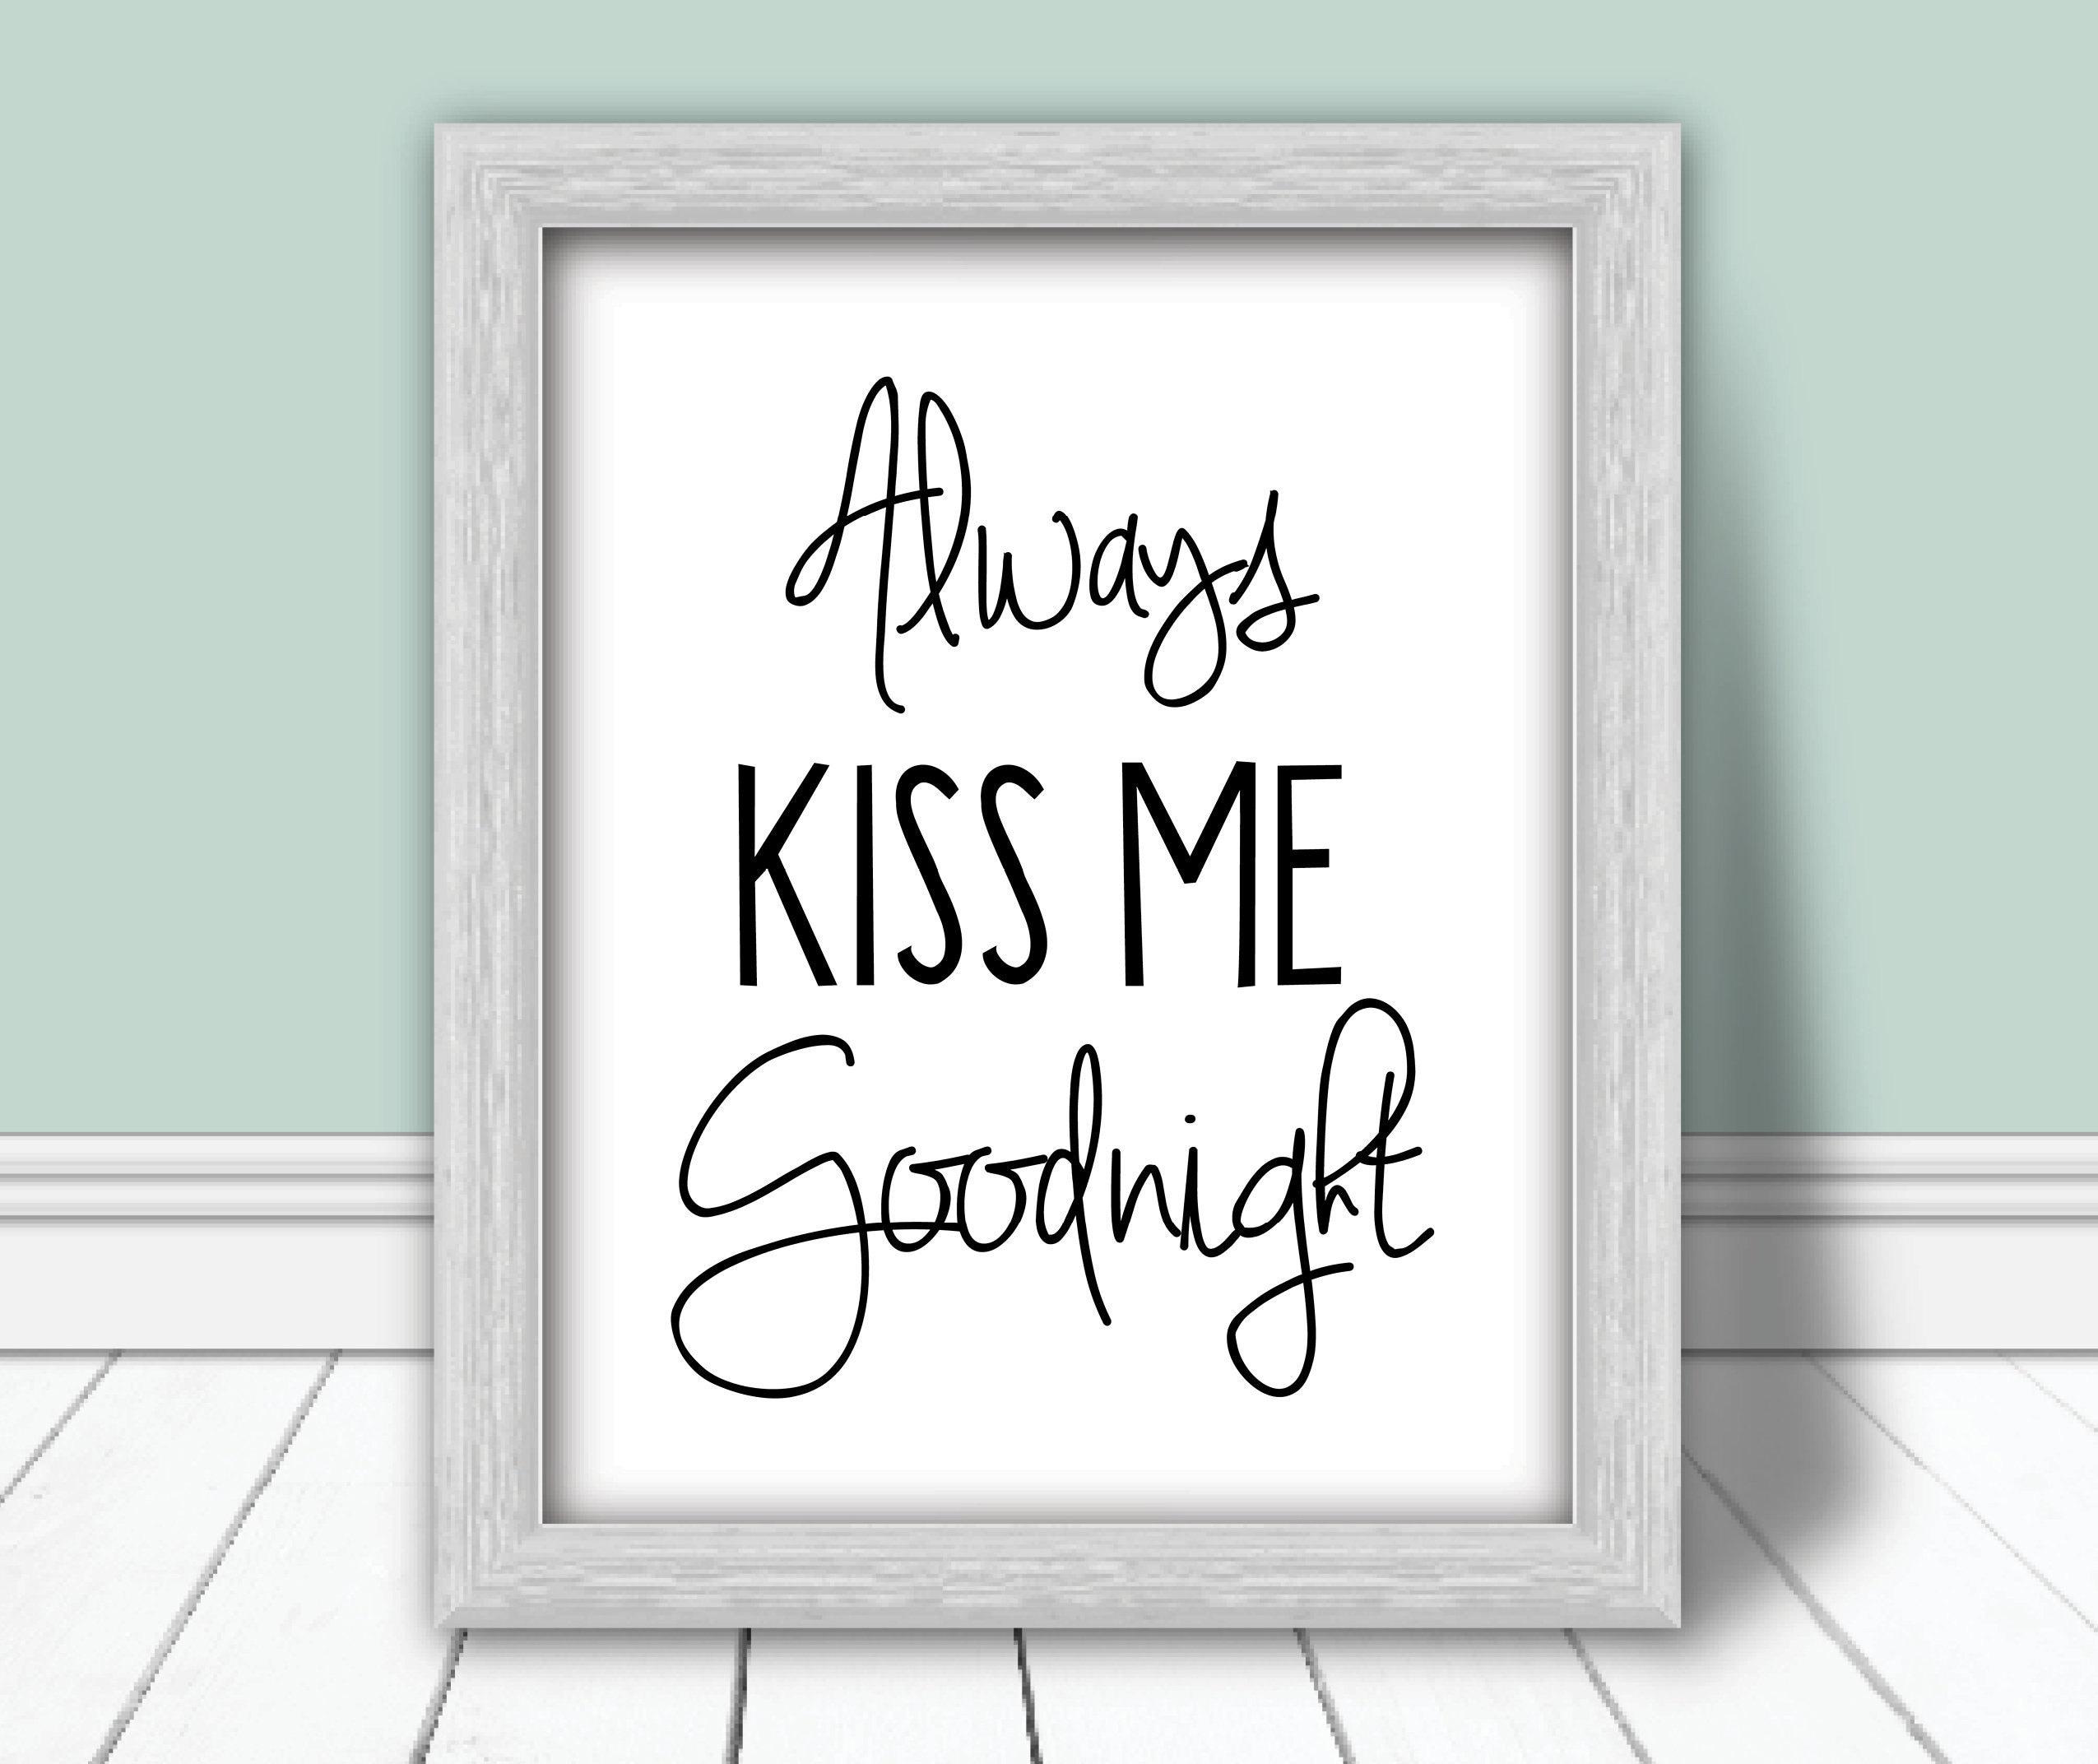 Always Kiss Me Good Night Printable Kiss Me Good Night Sign